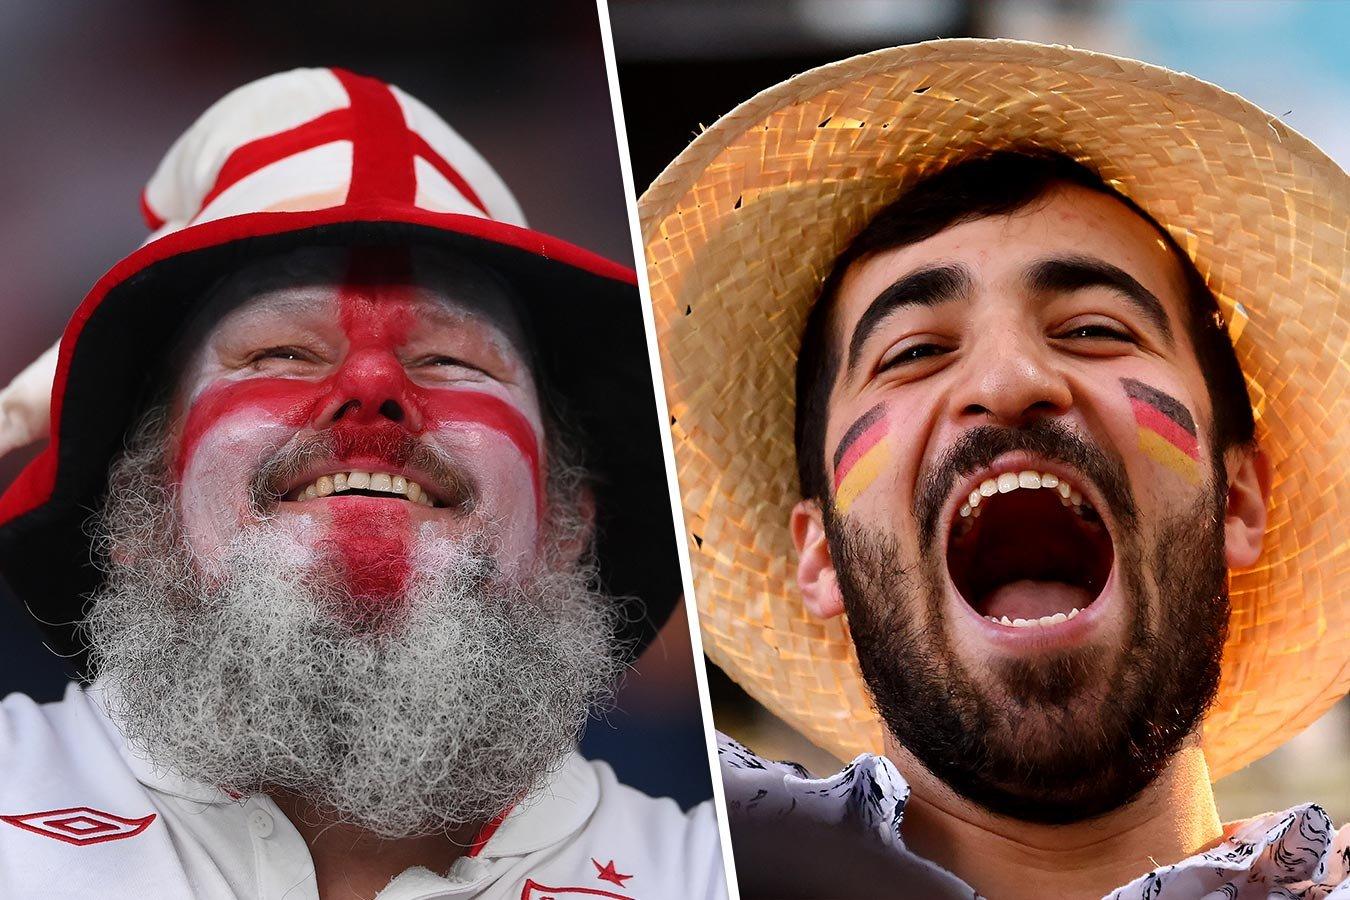 Англия — Германия: онлайн-трансляция матча чемпионата Европы — 2020 начнётся в 19:00